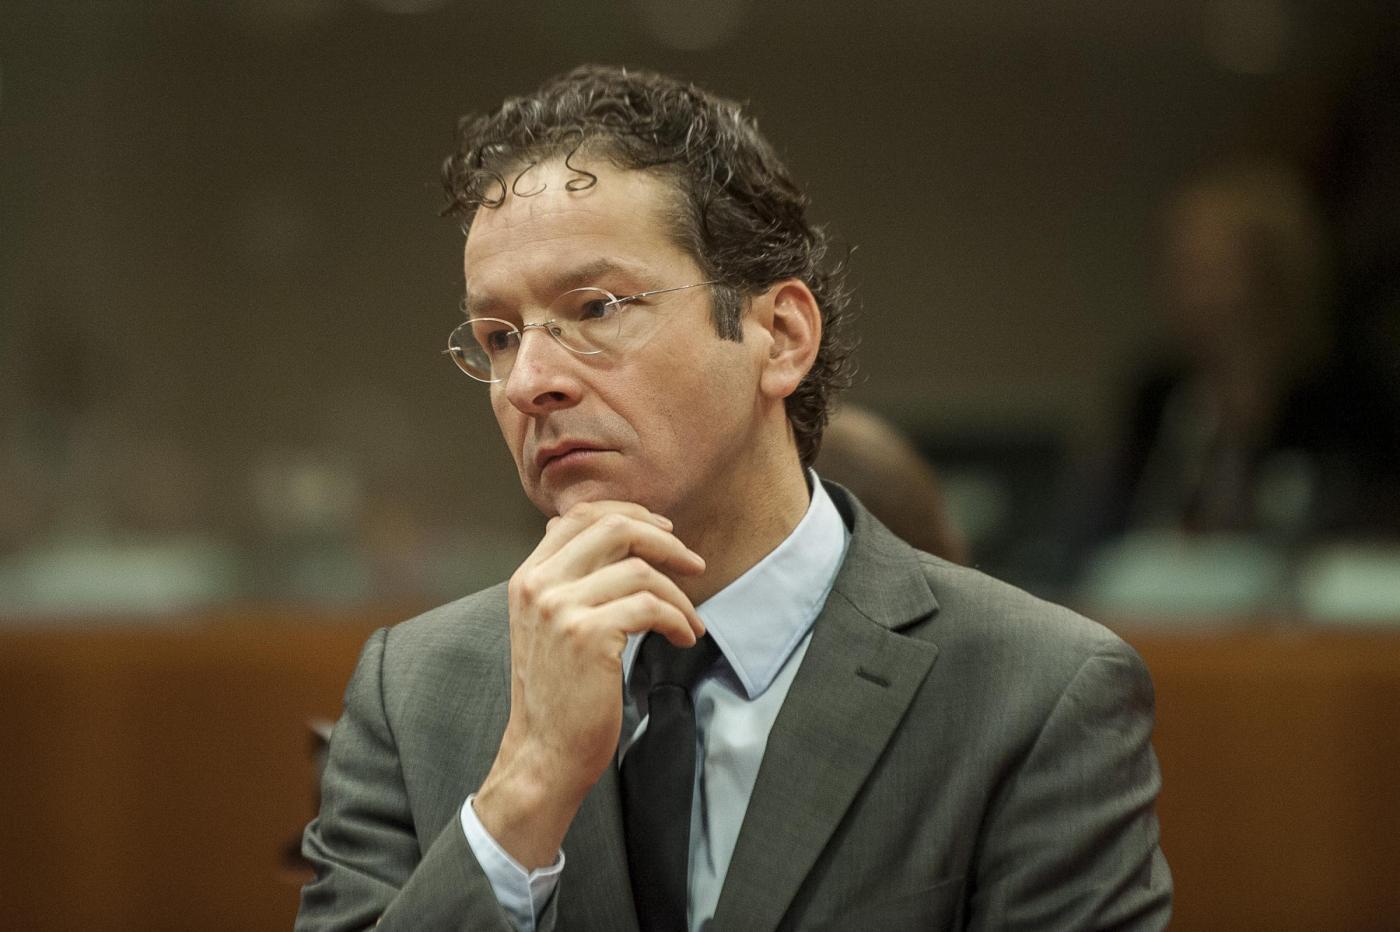 Banche, la Germania chiede un fondo europeo da 150 miliardi